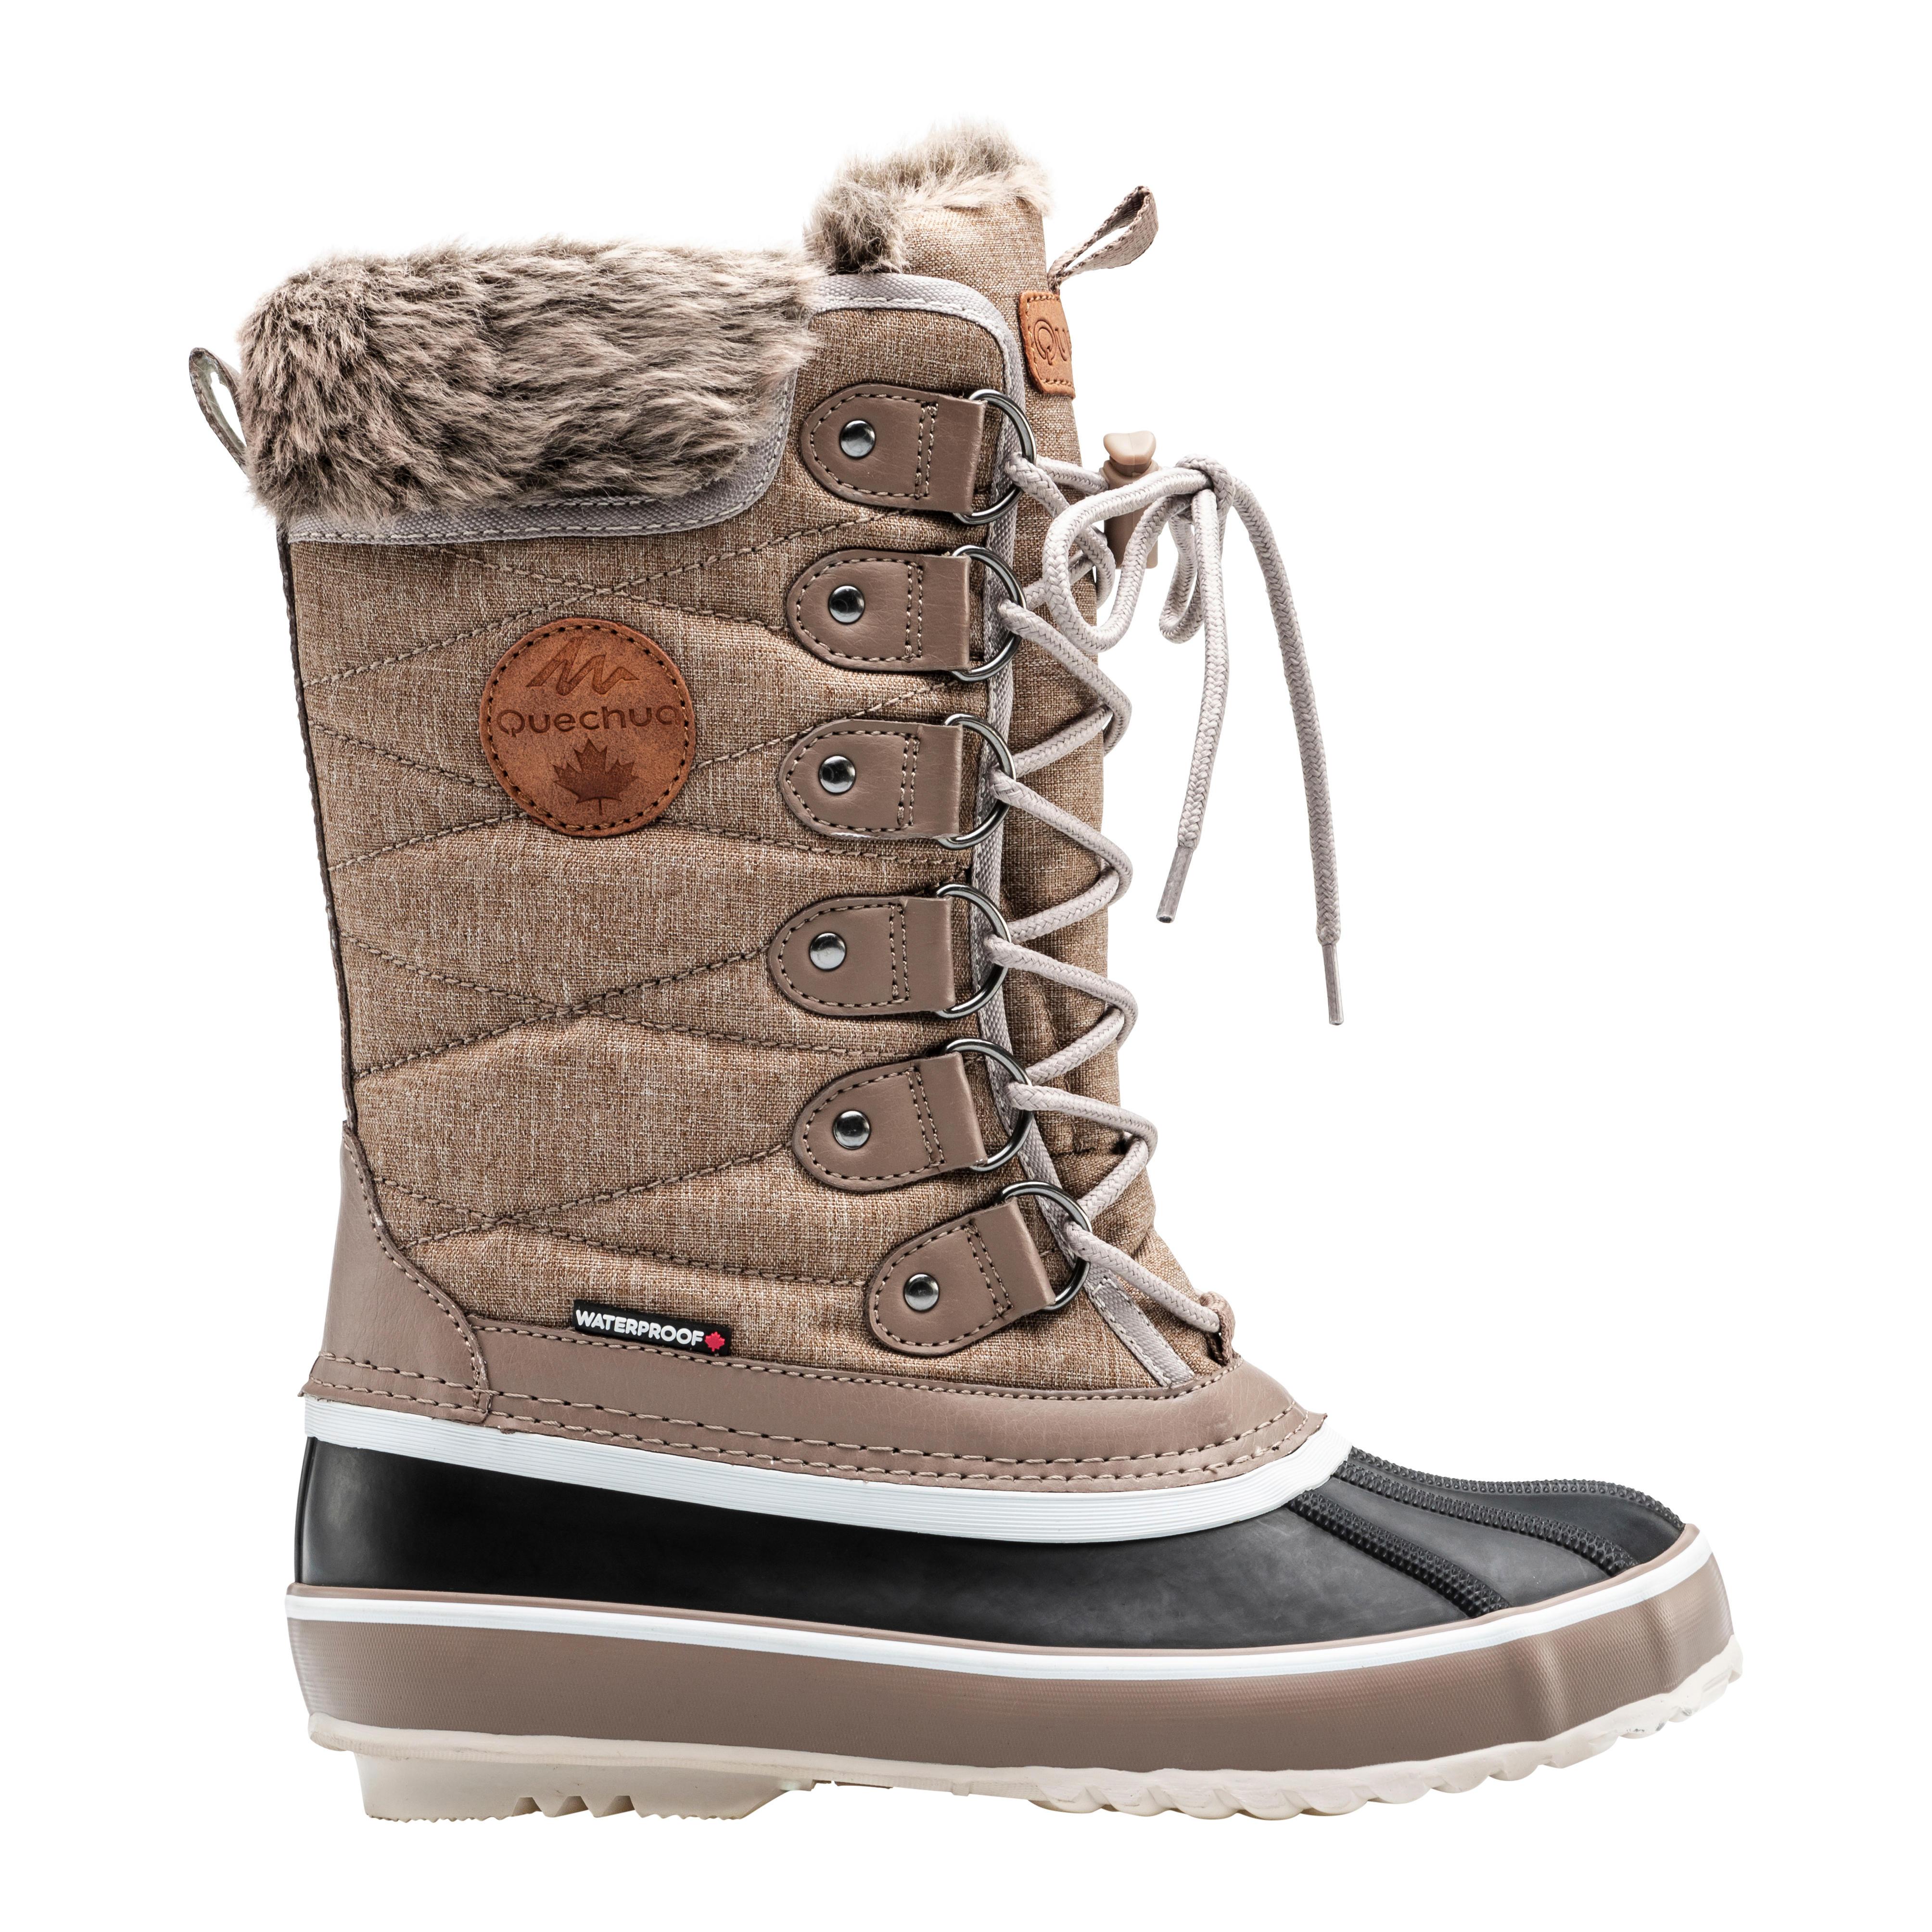 Botte neige JANA, imperméable et isolante pour femme, chausson amovible.